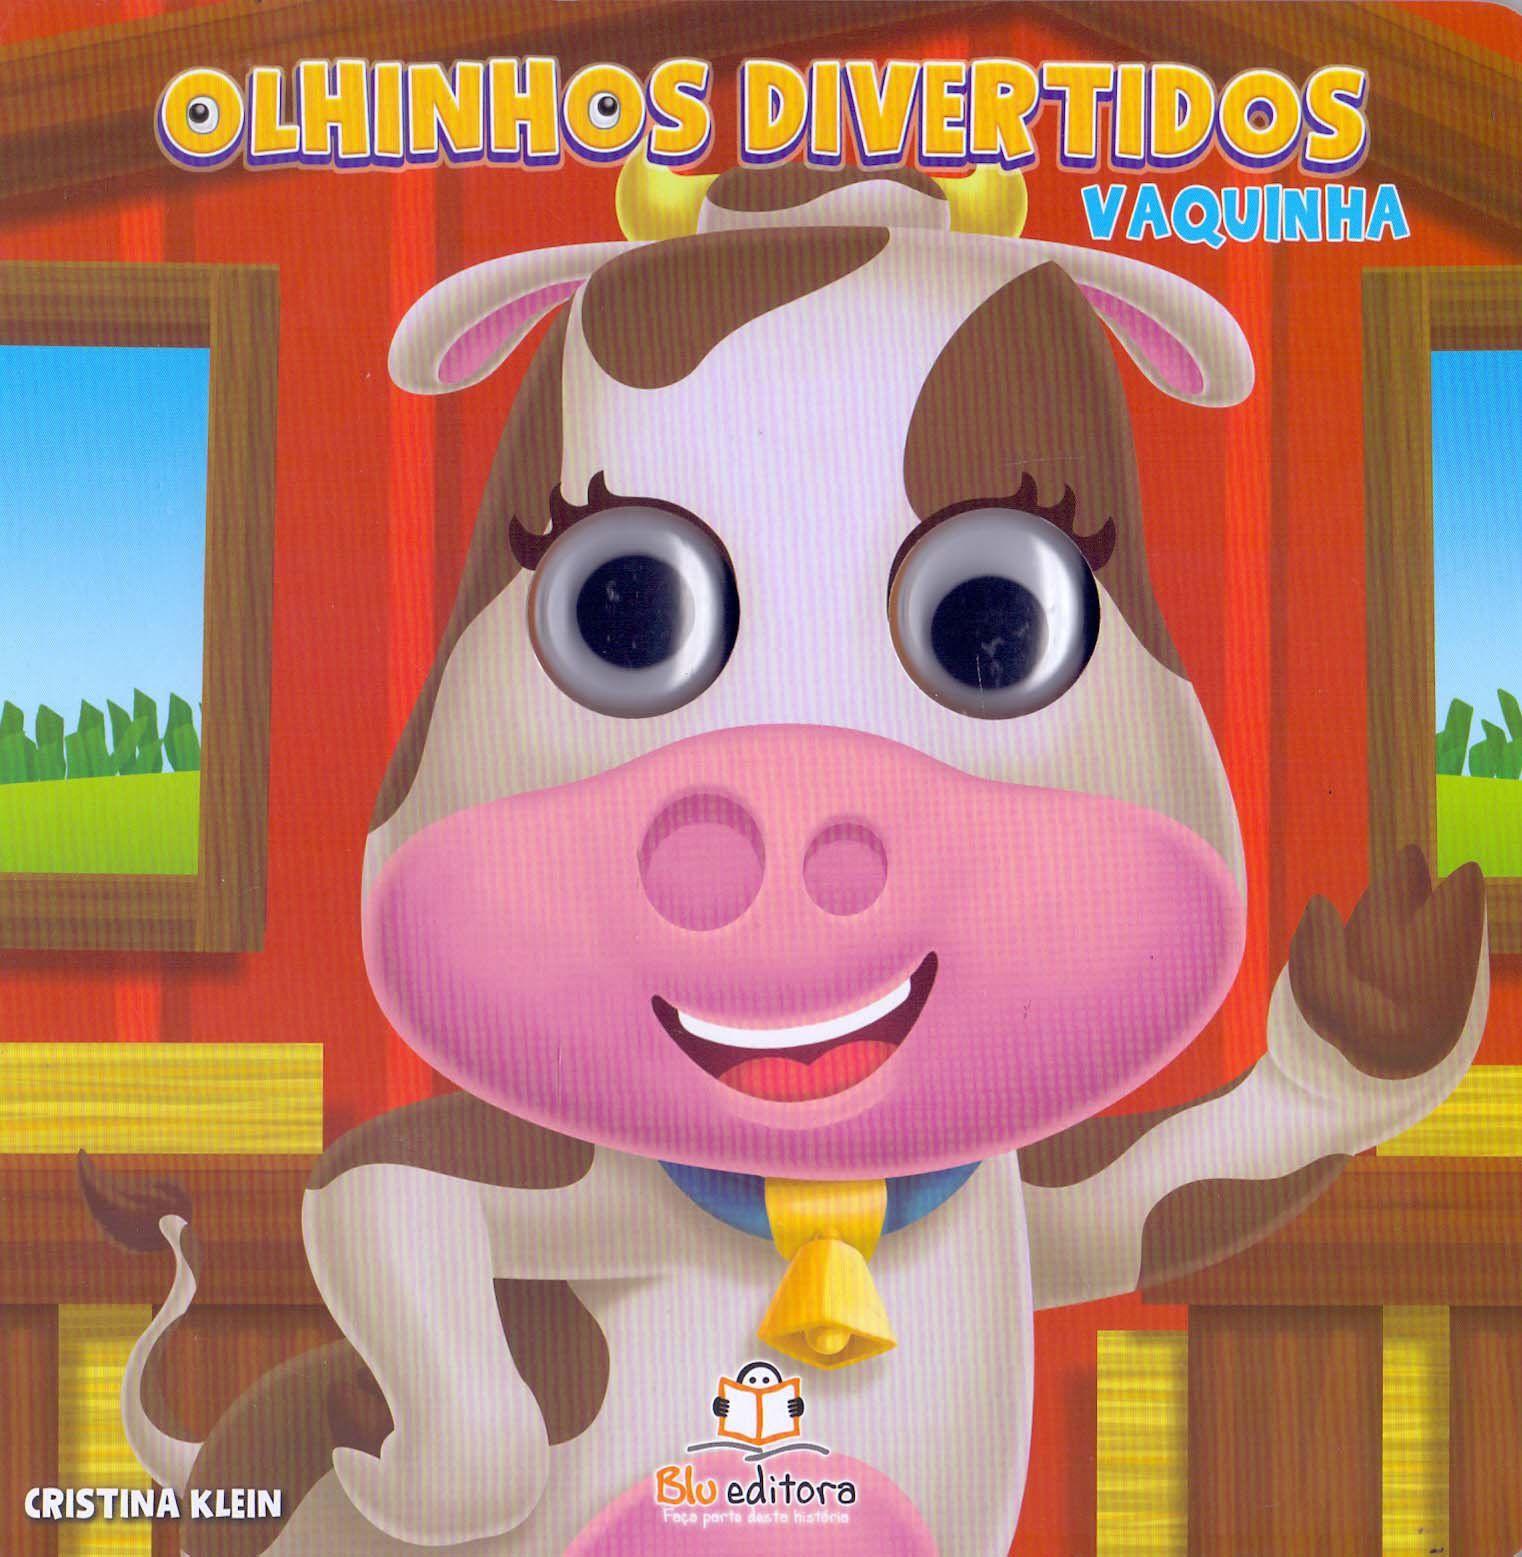 OLHINHOS DIVERTIDOS - VAQUINHA